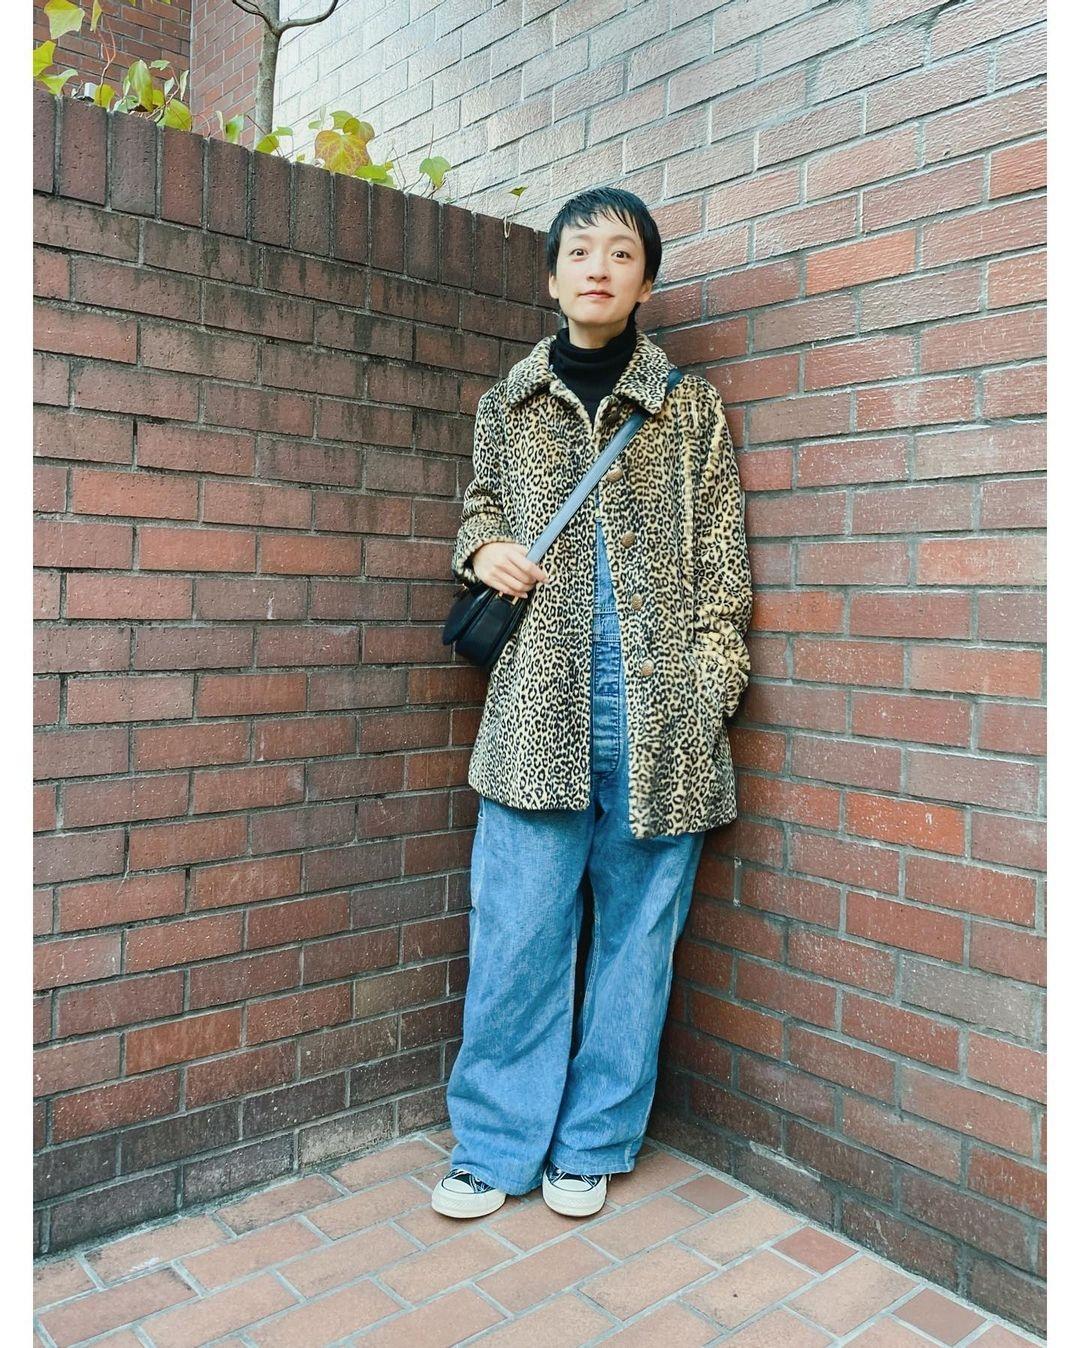 冷風一吹我不怕!盤點10+款日妞最愛大衣外套,讓你溫暖出門又能時髦顯瘦